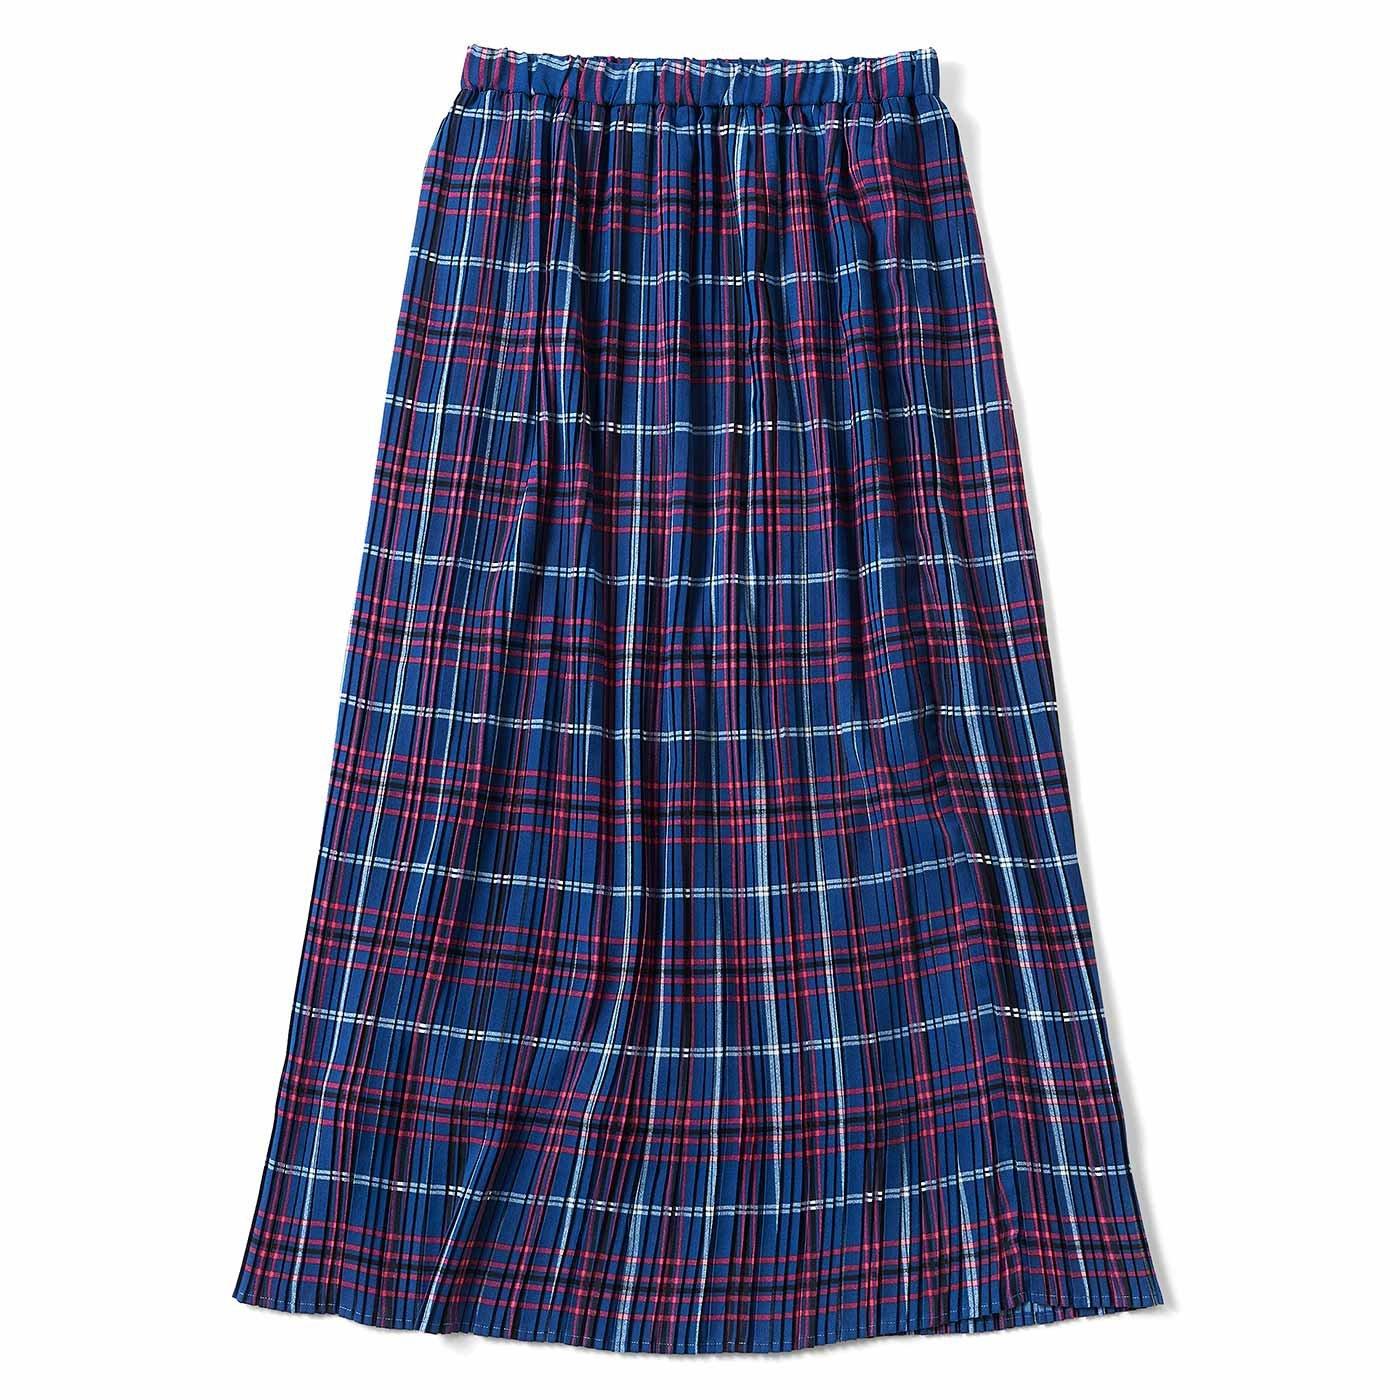 細幅が新鮮 プリーツスカート〈ブルー〉